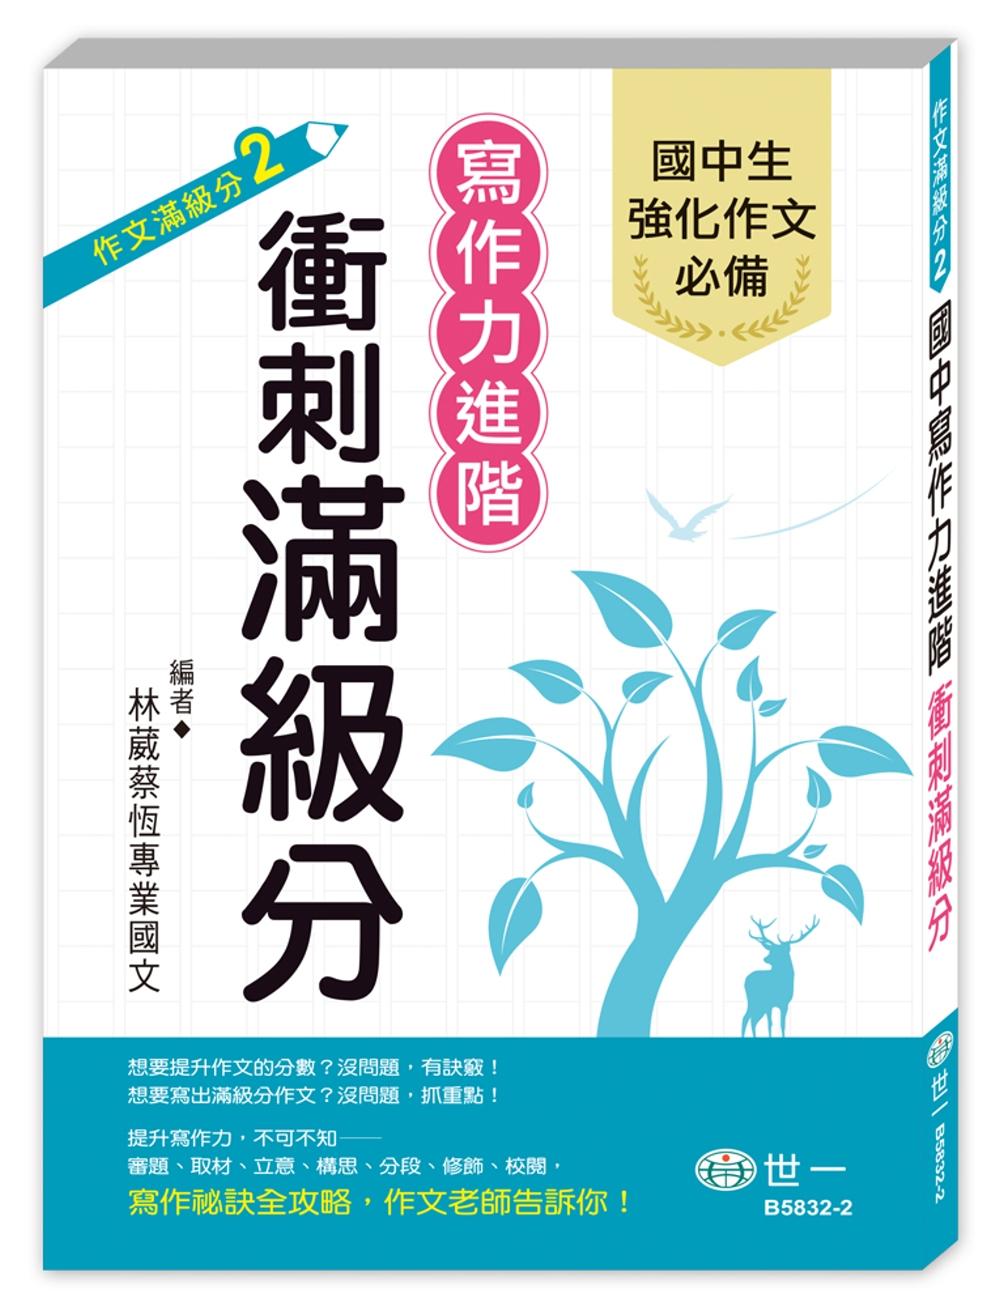 《寫作力進階衝刺滿級分》 商品條碼,ISBN:4719742144731